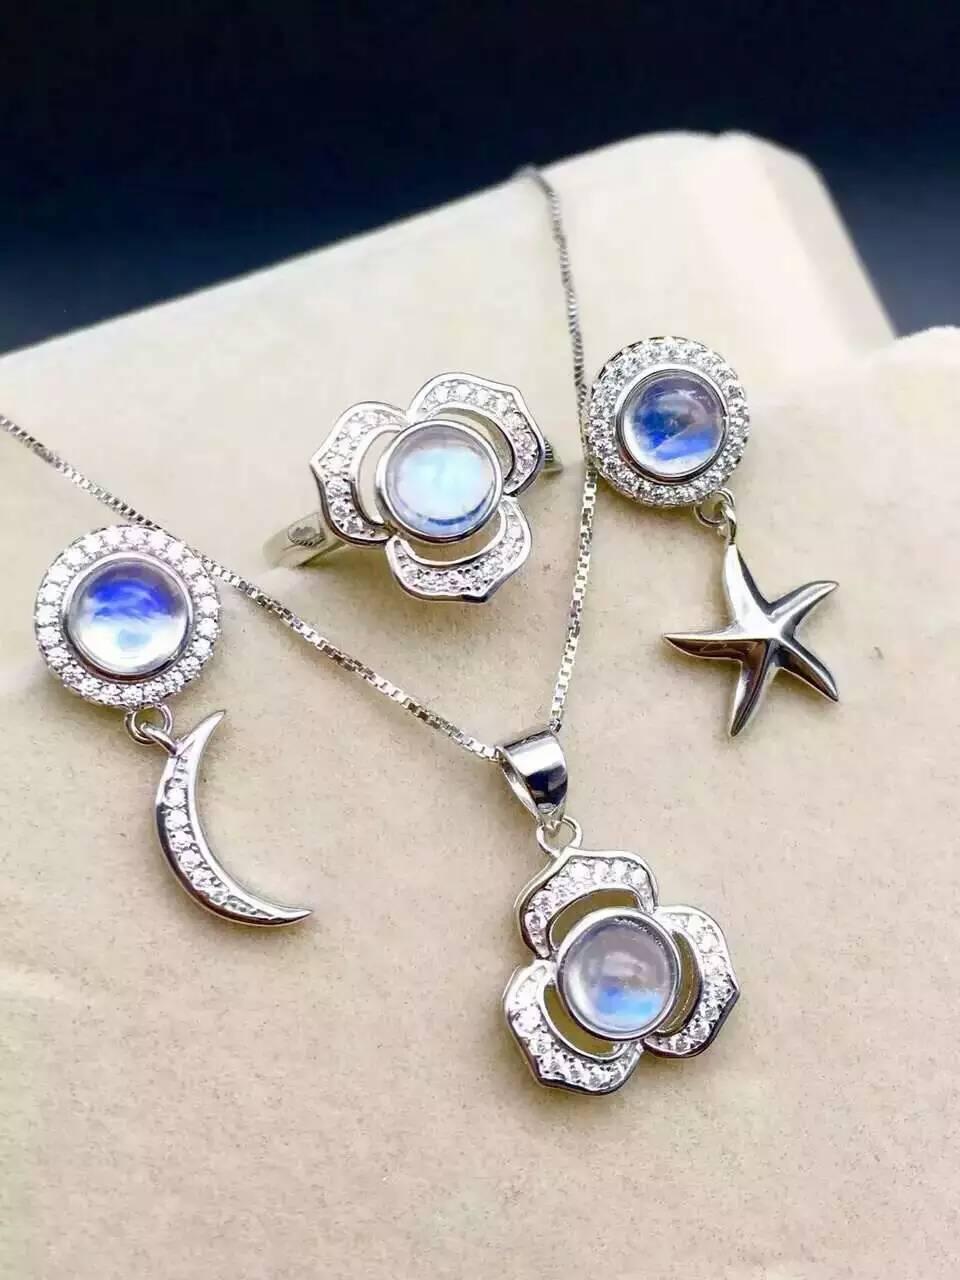 Натуральный голубой лунный камень Gem Jewelry комплекты природных драгоценных камней кольцо Серьги Кулон Серебро 925 партия звезда луна женщин п